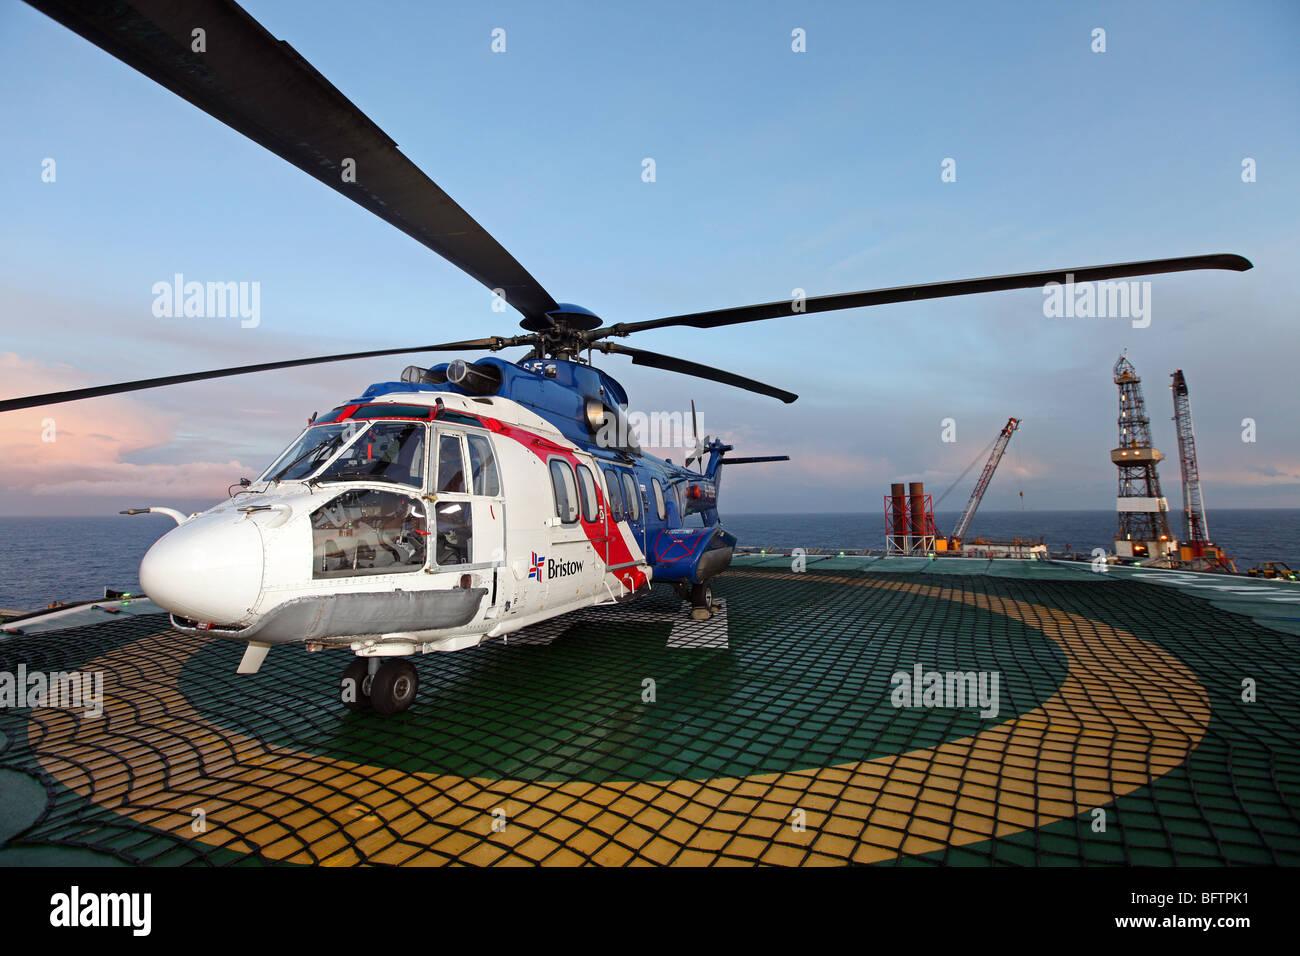 Bristow Superpuma helicóptero EC 225 sentados en helipuerto en plataforma petrolera del mar del Norte fuera de costa Foto de stock